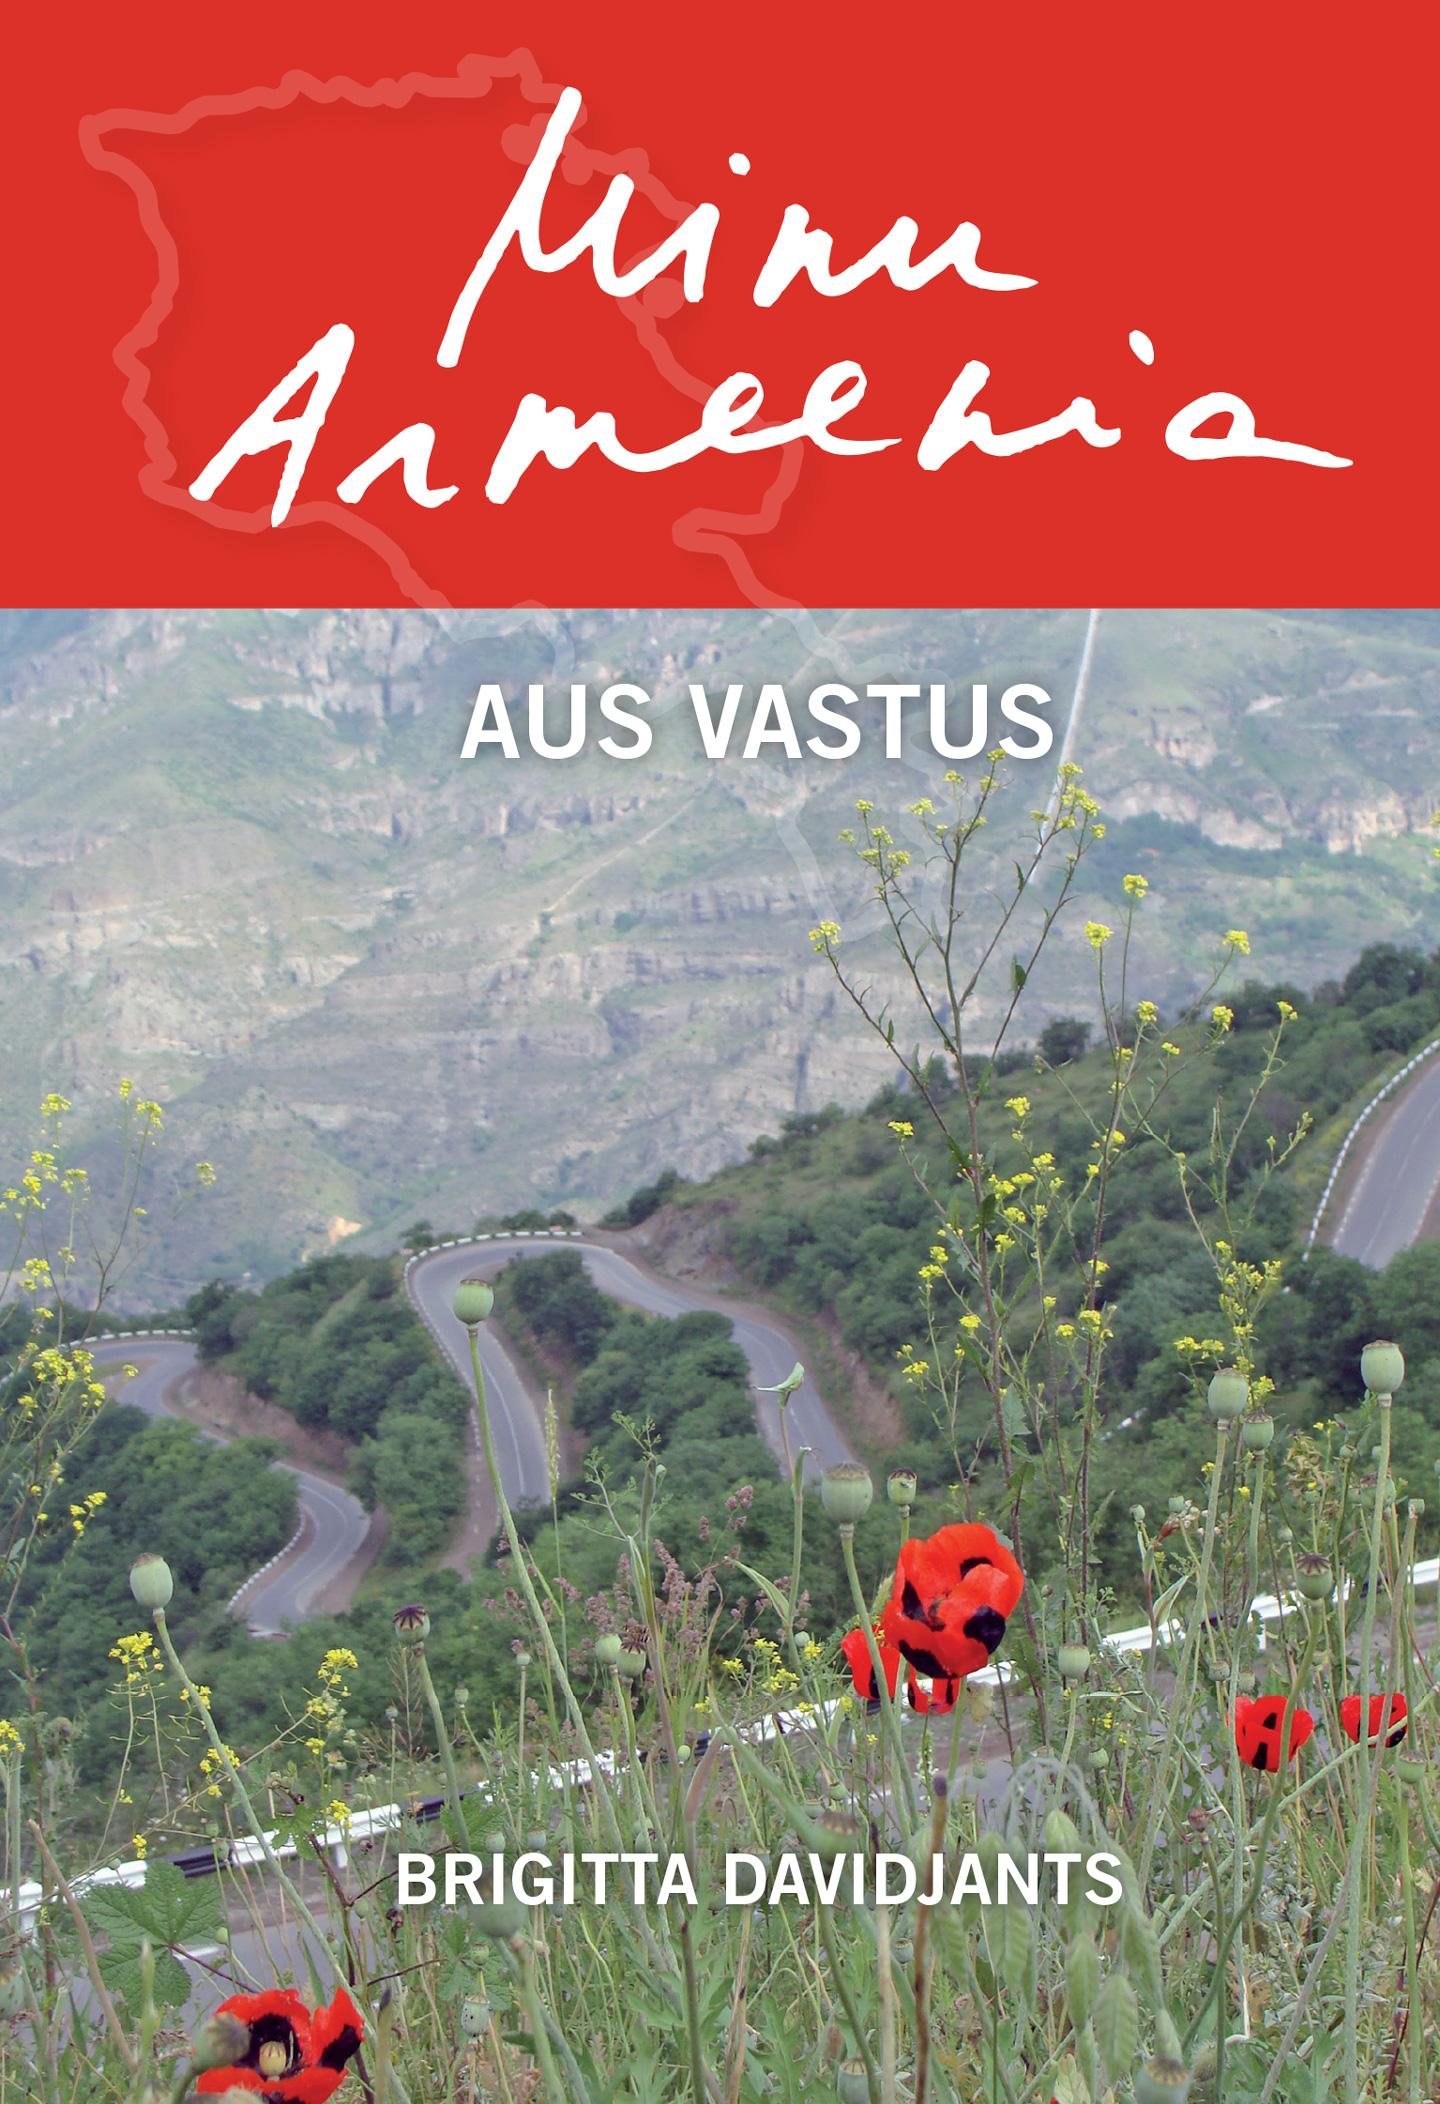 Brigitta Davidjants Minu Armeenia. Aus vastus ester laansalu minu kreeka